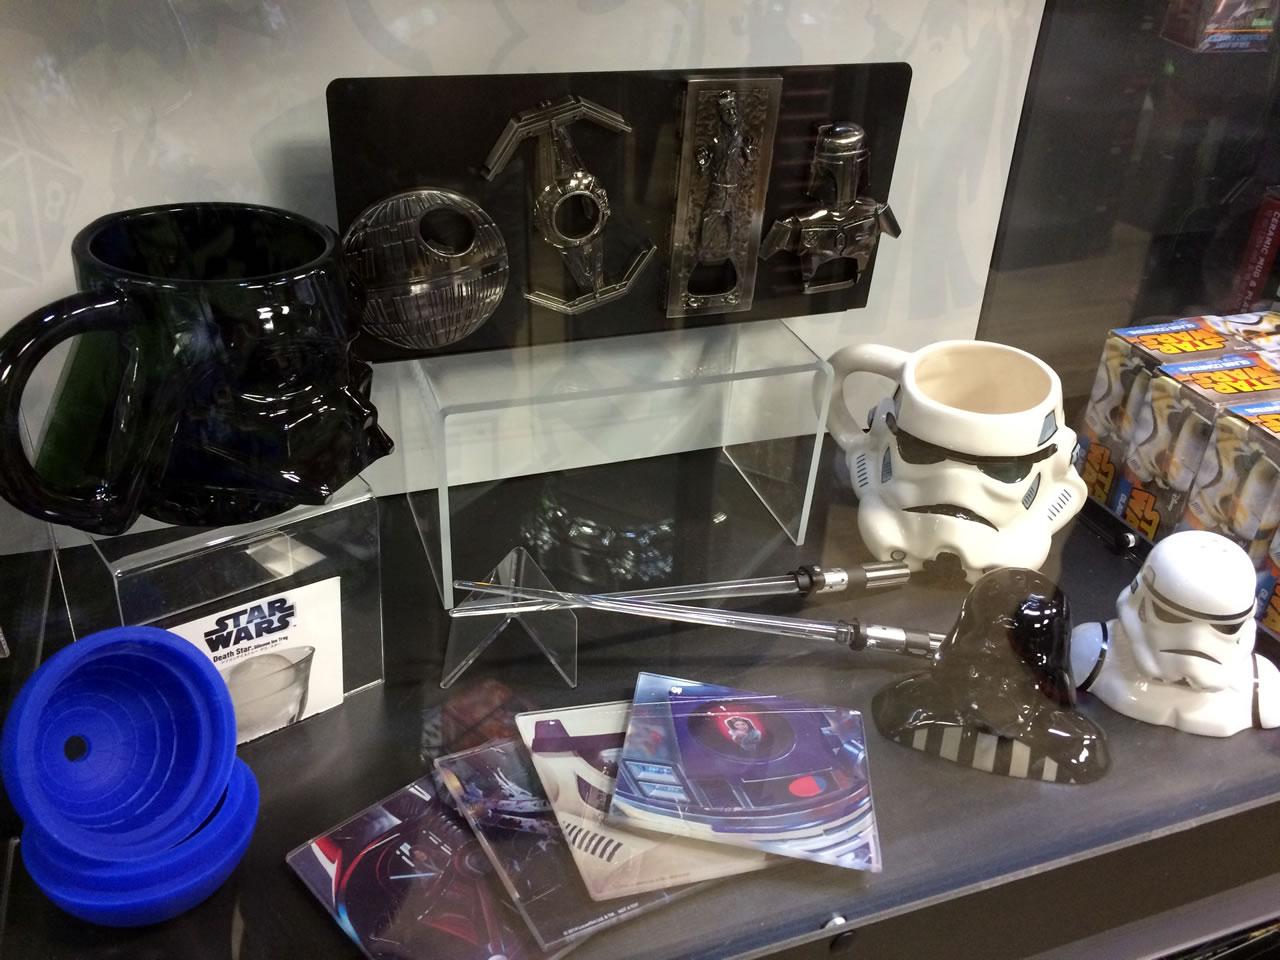 15 thinkgeek store - star wars display case